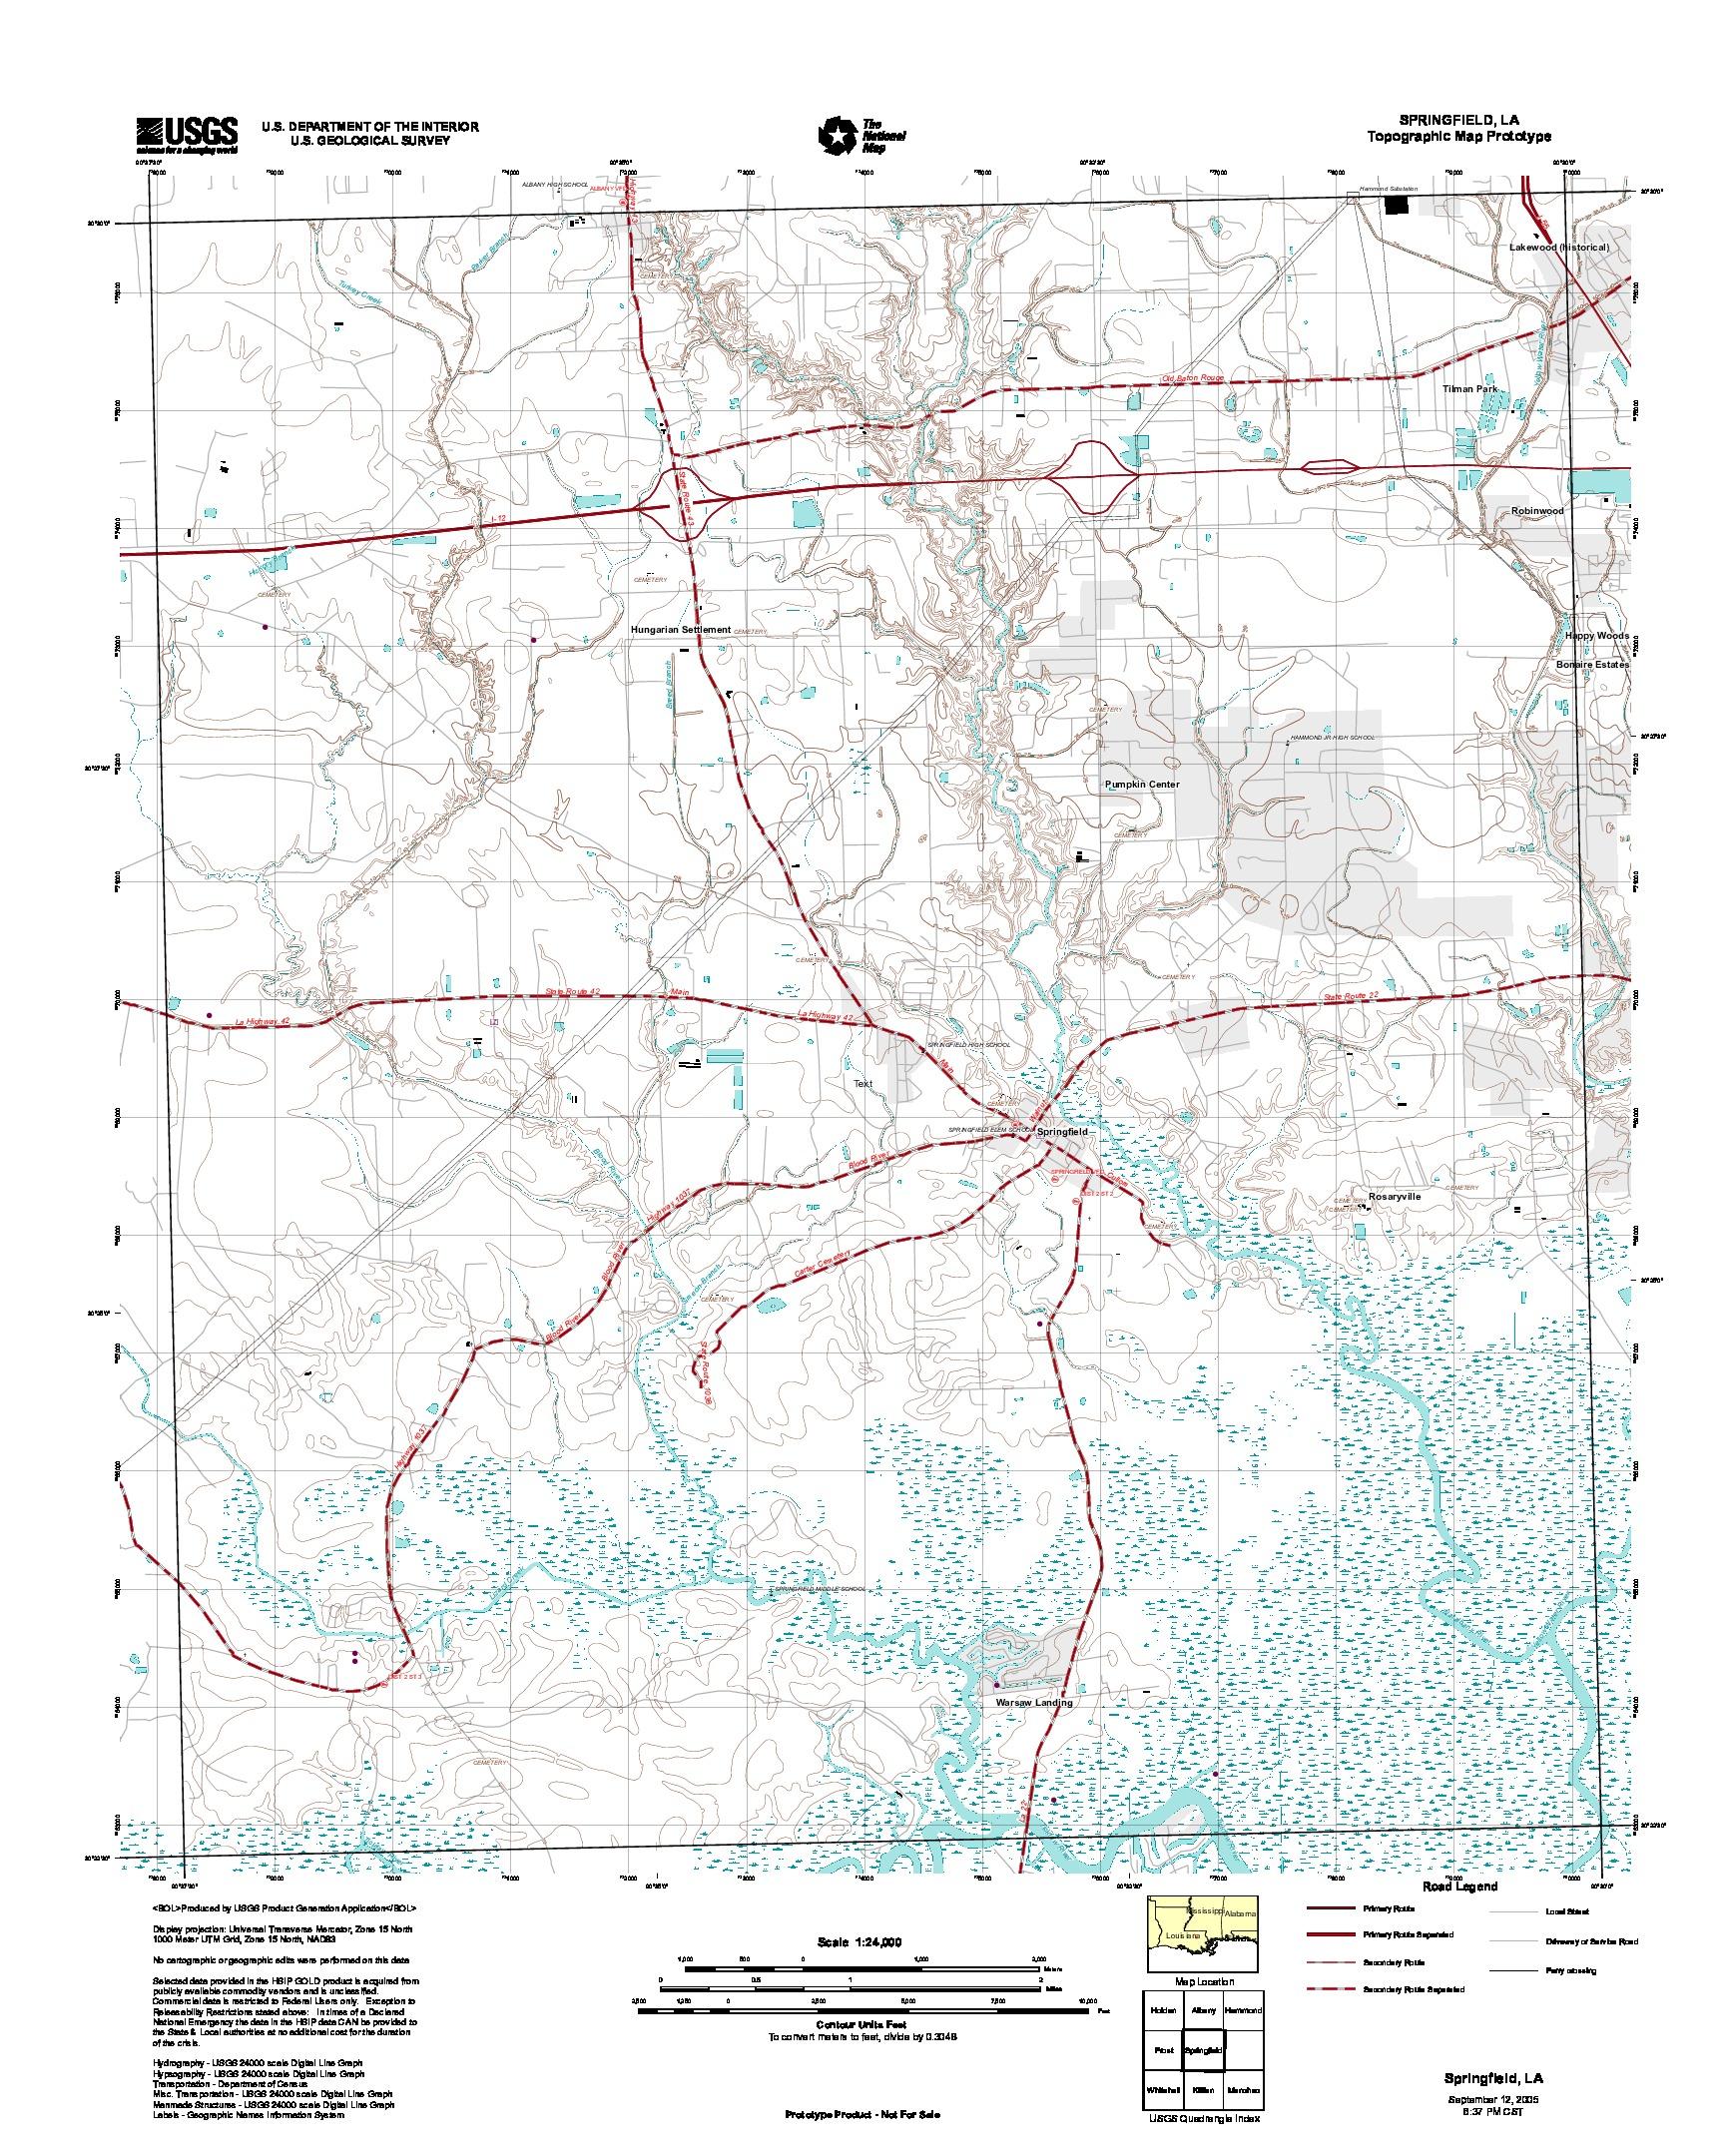 Prototipo de Mapa Topográfico de Springfield, Luisiana, Estados Unidos, Septiembre 12, 2005